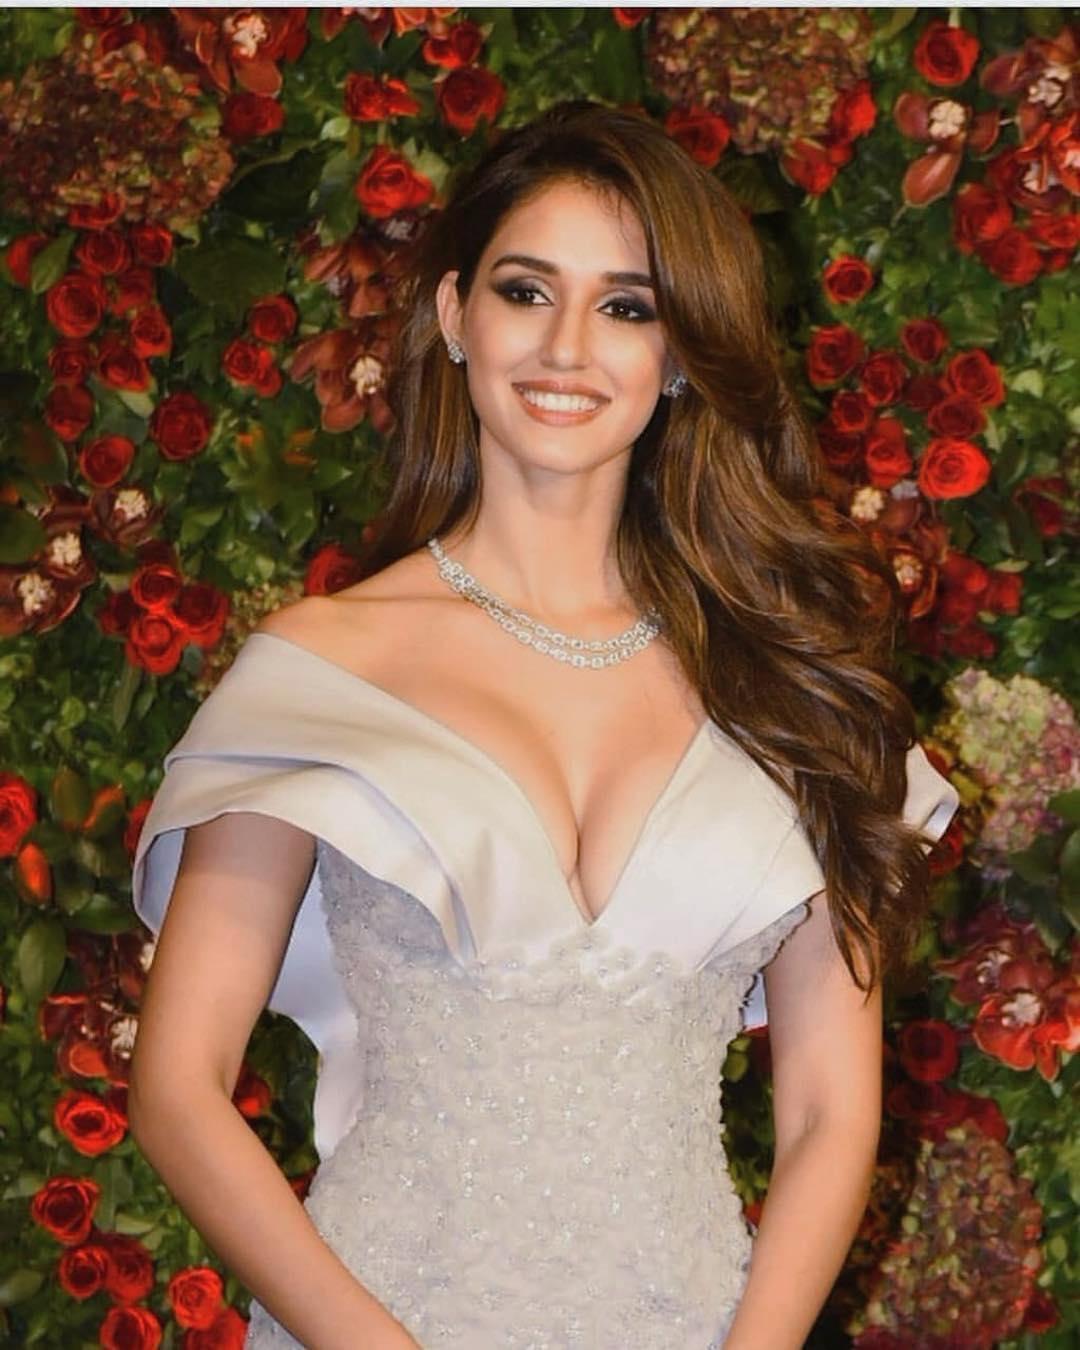 Disha Patani Hottest actress of Bollywood